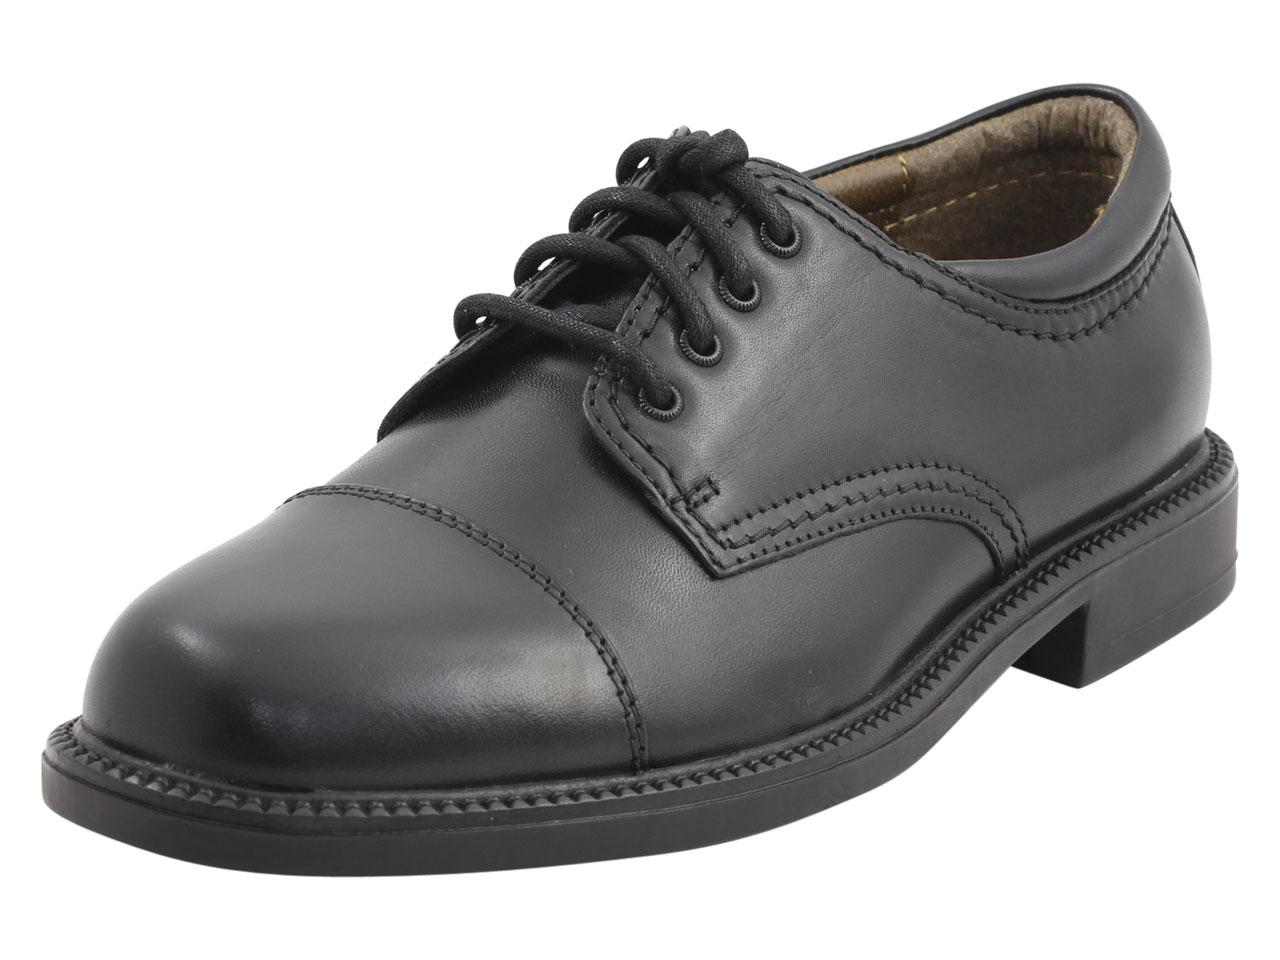 Image of Dockers Men's Gordon Cap Toe Oxfords Shoes - Black - 9 D(M) US